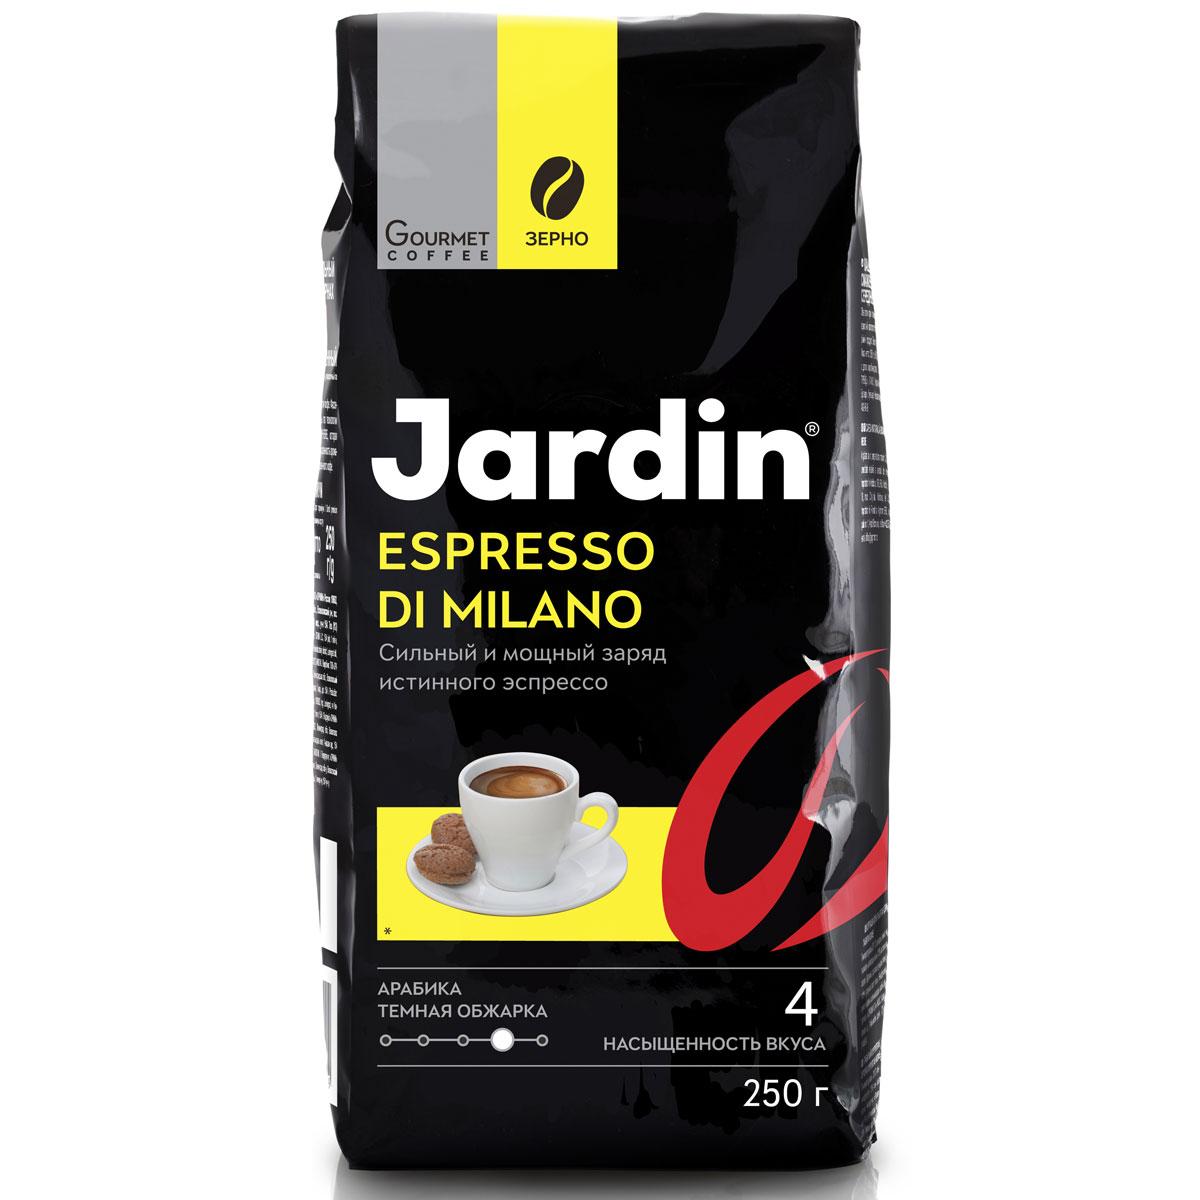 Jardin Espresso Di Milano кофе в зернах, 250 г0559-20Jardin Espresso Di Milano - это бленд эспрессо с традиционной легкой кофейной горчинкой выполнен по уникальному рецепту, популярному на севере Италии. Послужит идеальным завершением обеда, ланча или ужина вне зависимости от способа приготовления.